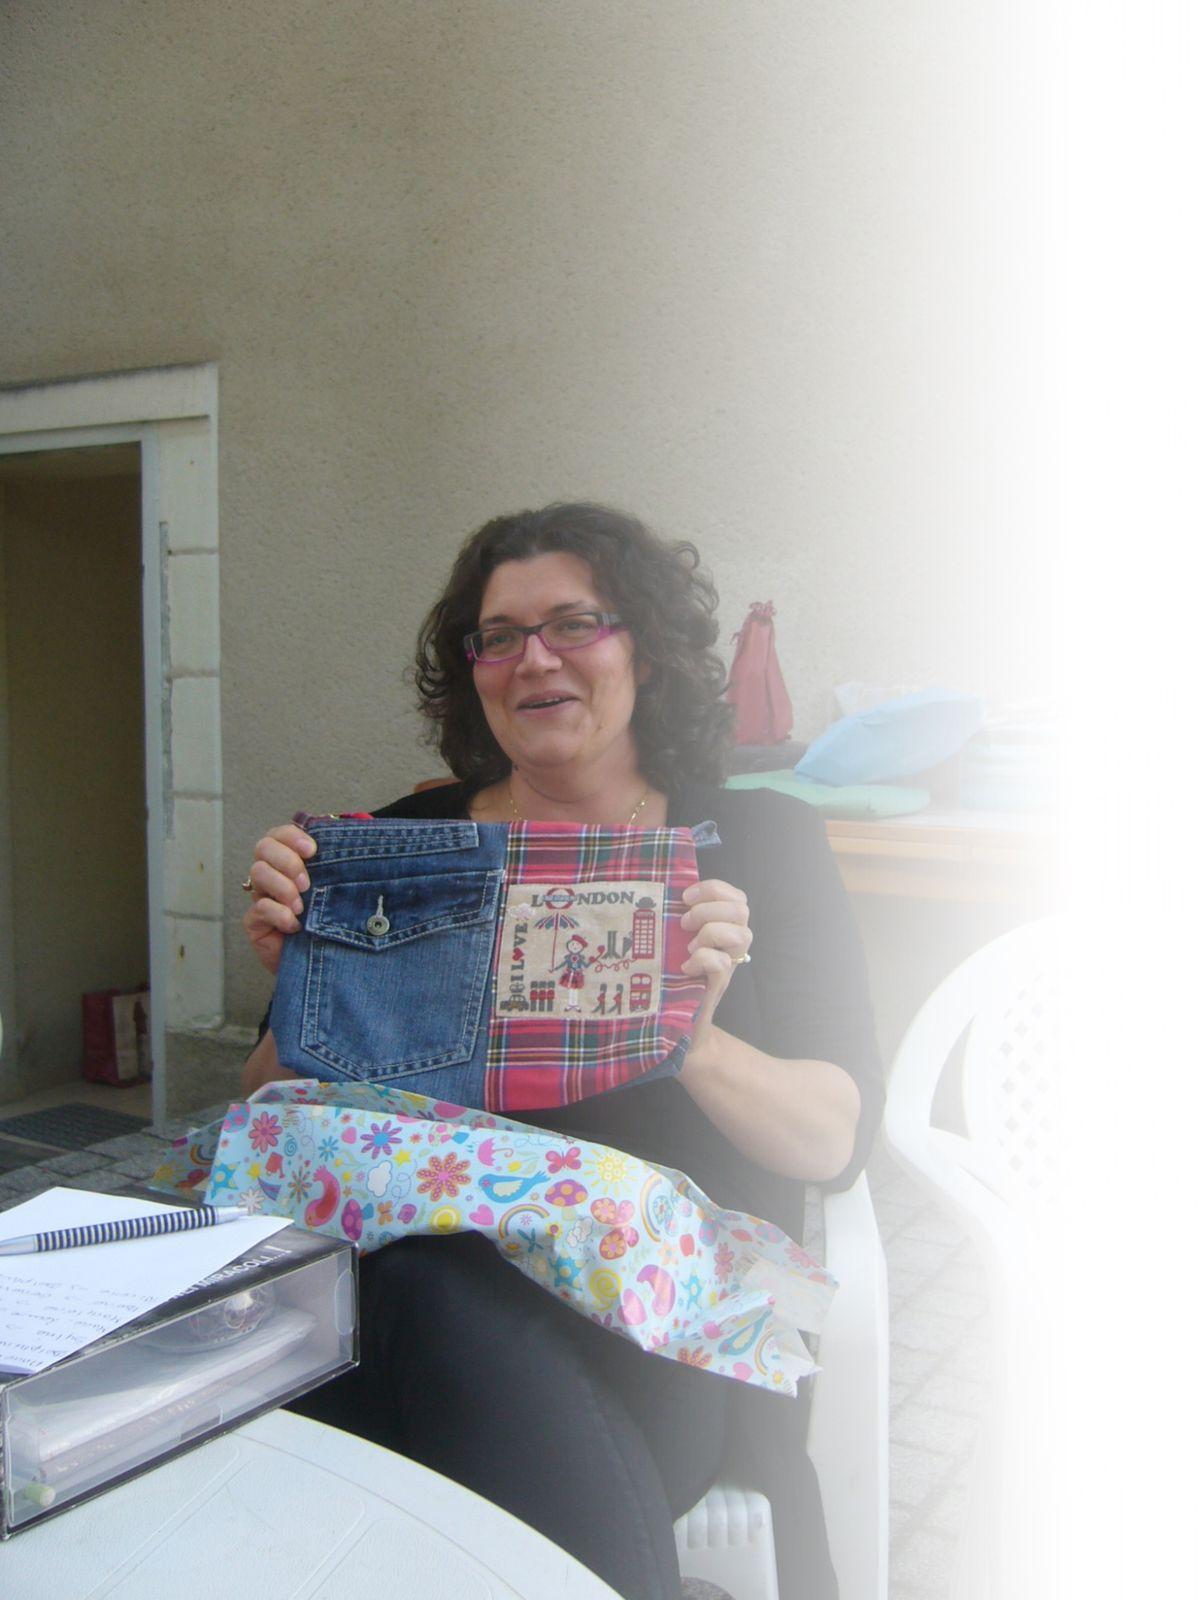 """Il s'agit d'un superbe pochette en jean et tissu écossais réalisée par Delphine. sans oublier la très jolie broderie """"London"""""""